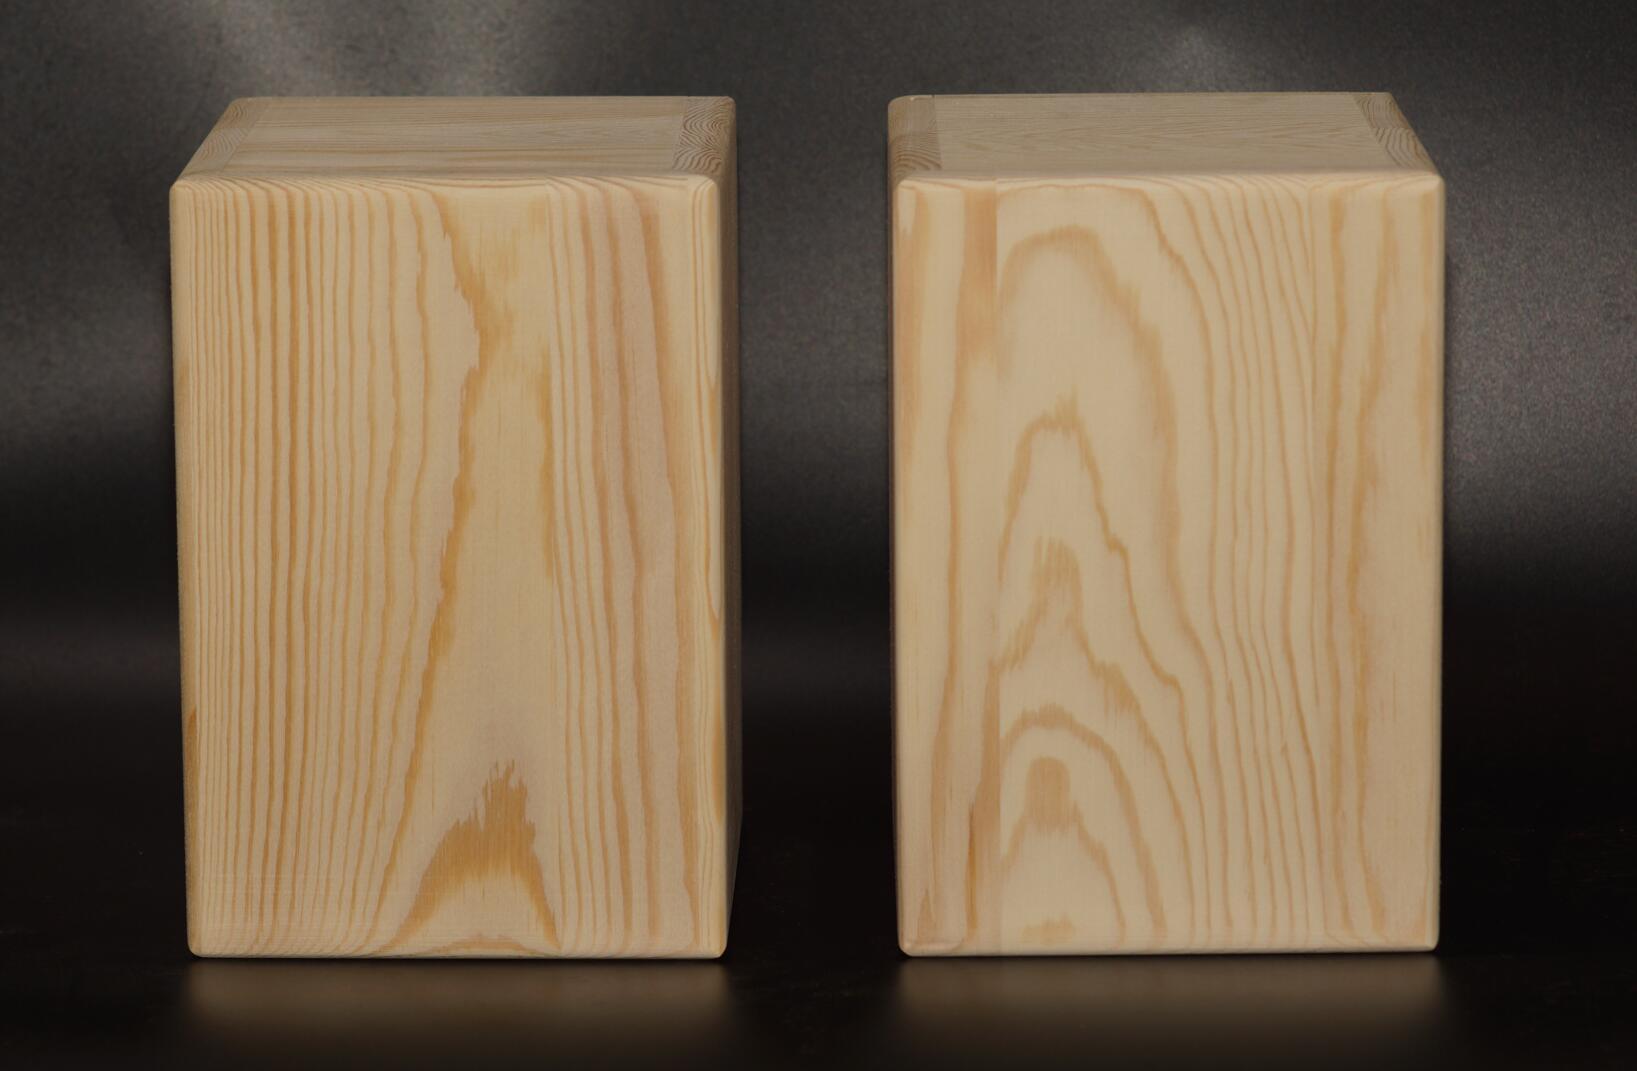 55 юаней на бесплатная доставка 3 дюймовый 4 дюймовый дерево динамик пустой тело волосы эмбрионы закрыты отверстие 1.2cm толстый